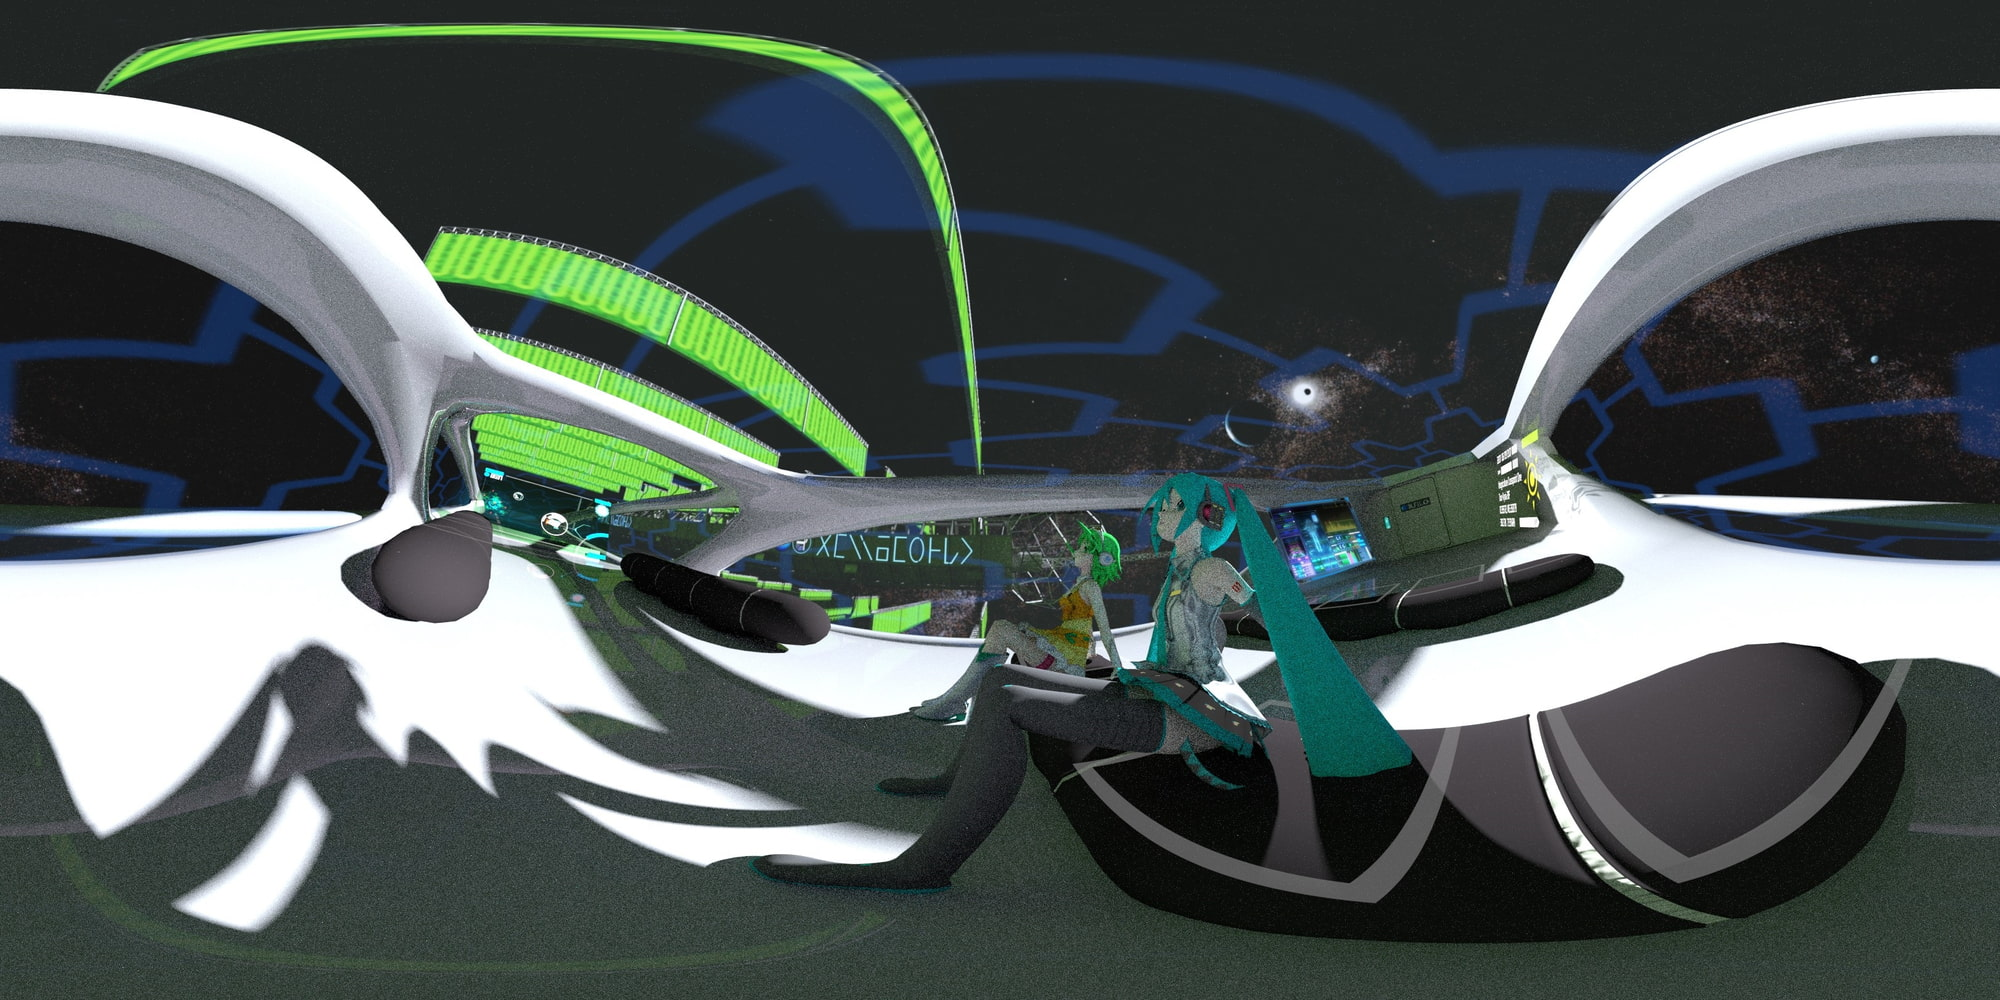 360°VR3DMV ~Interplanetary Flight~ ボカロトランスVRで異世界体験